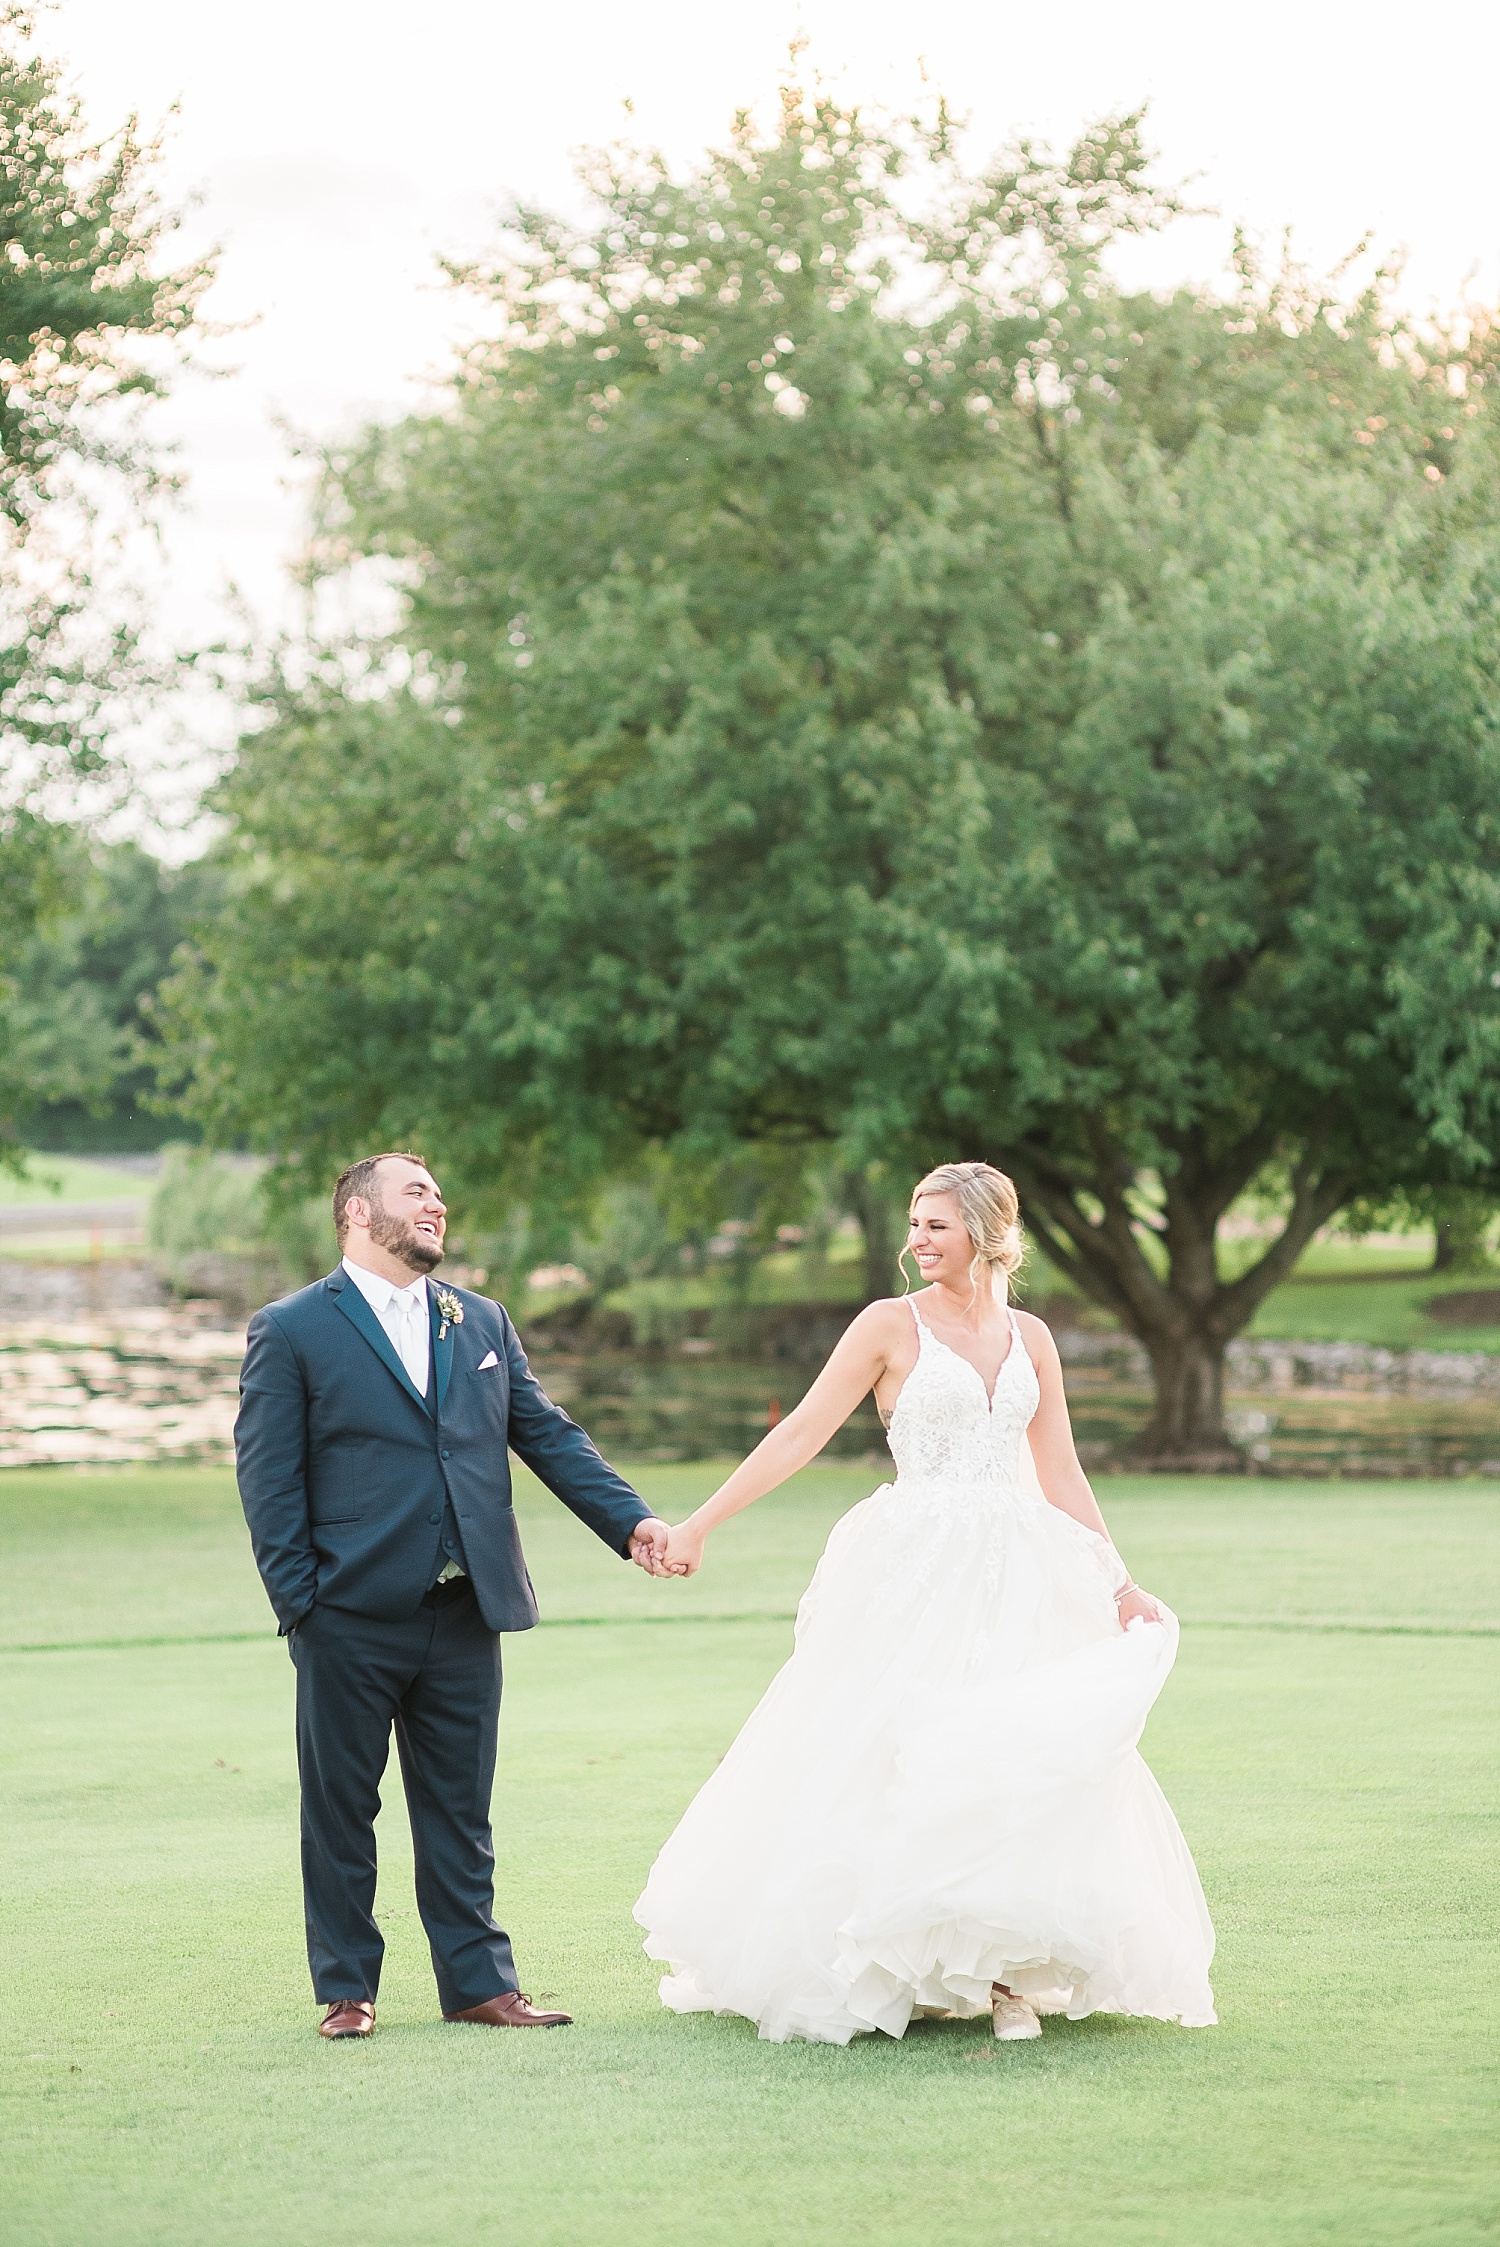 golf-course-wedding-in-kentucky